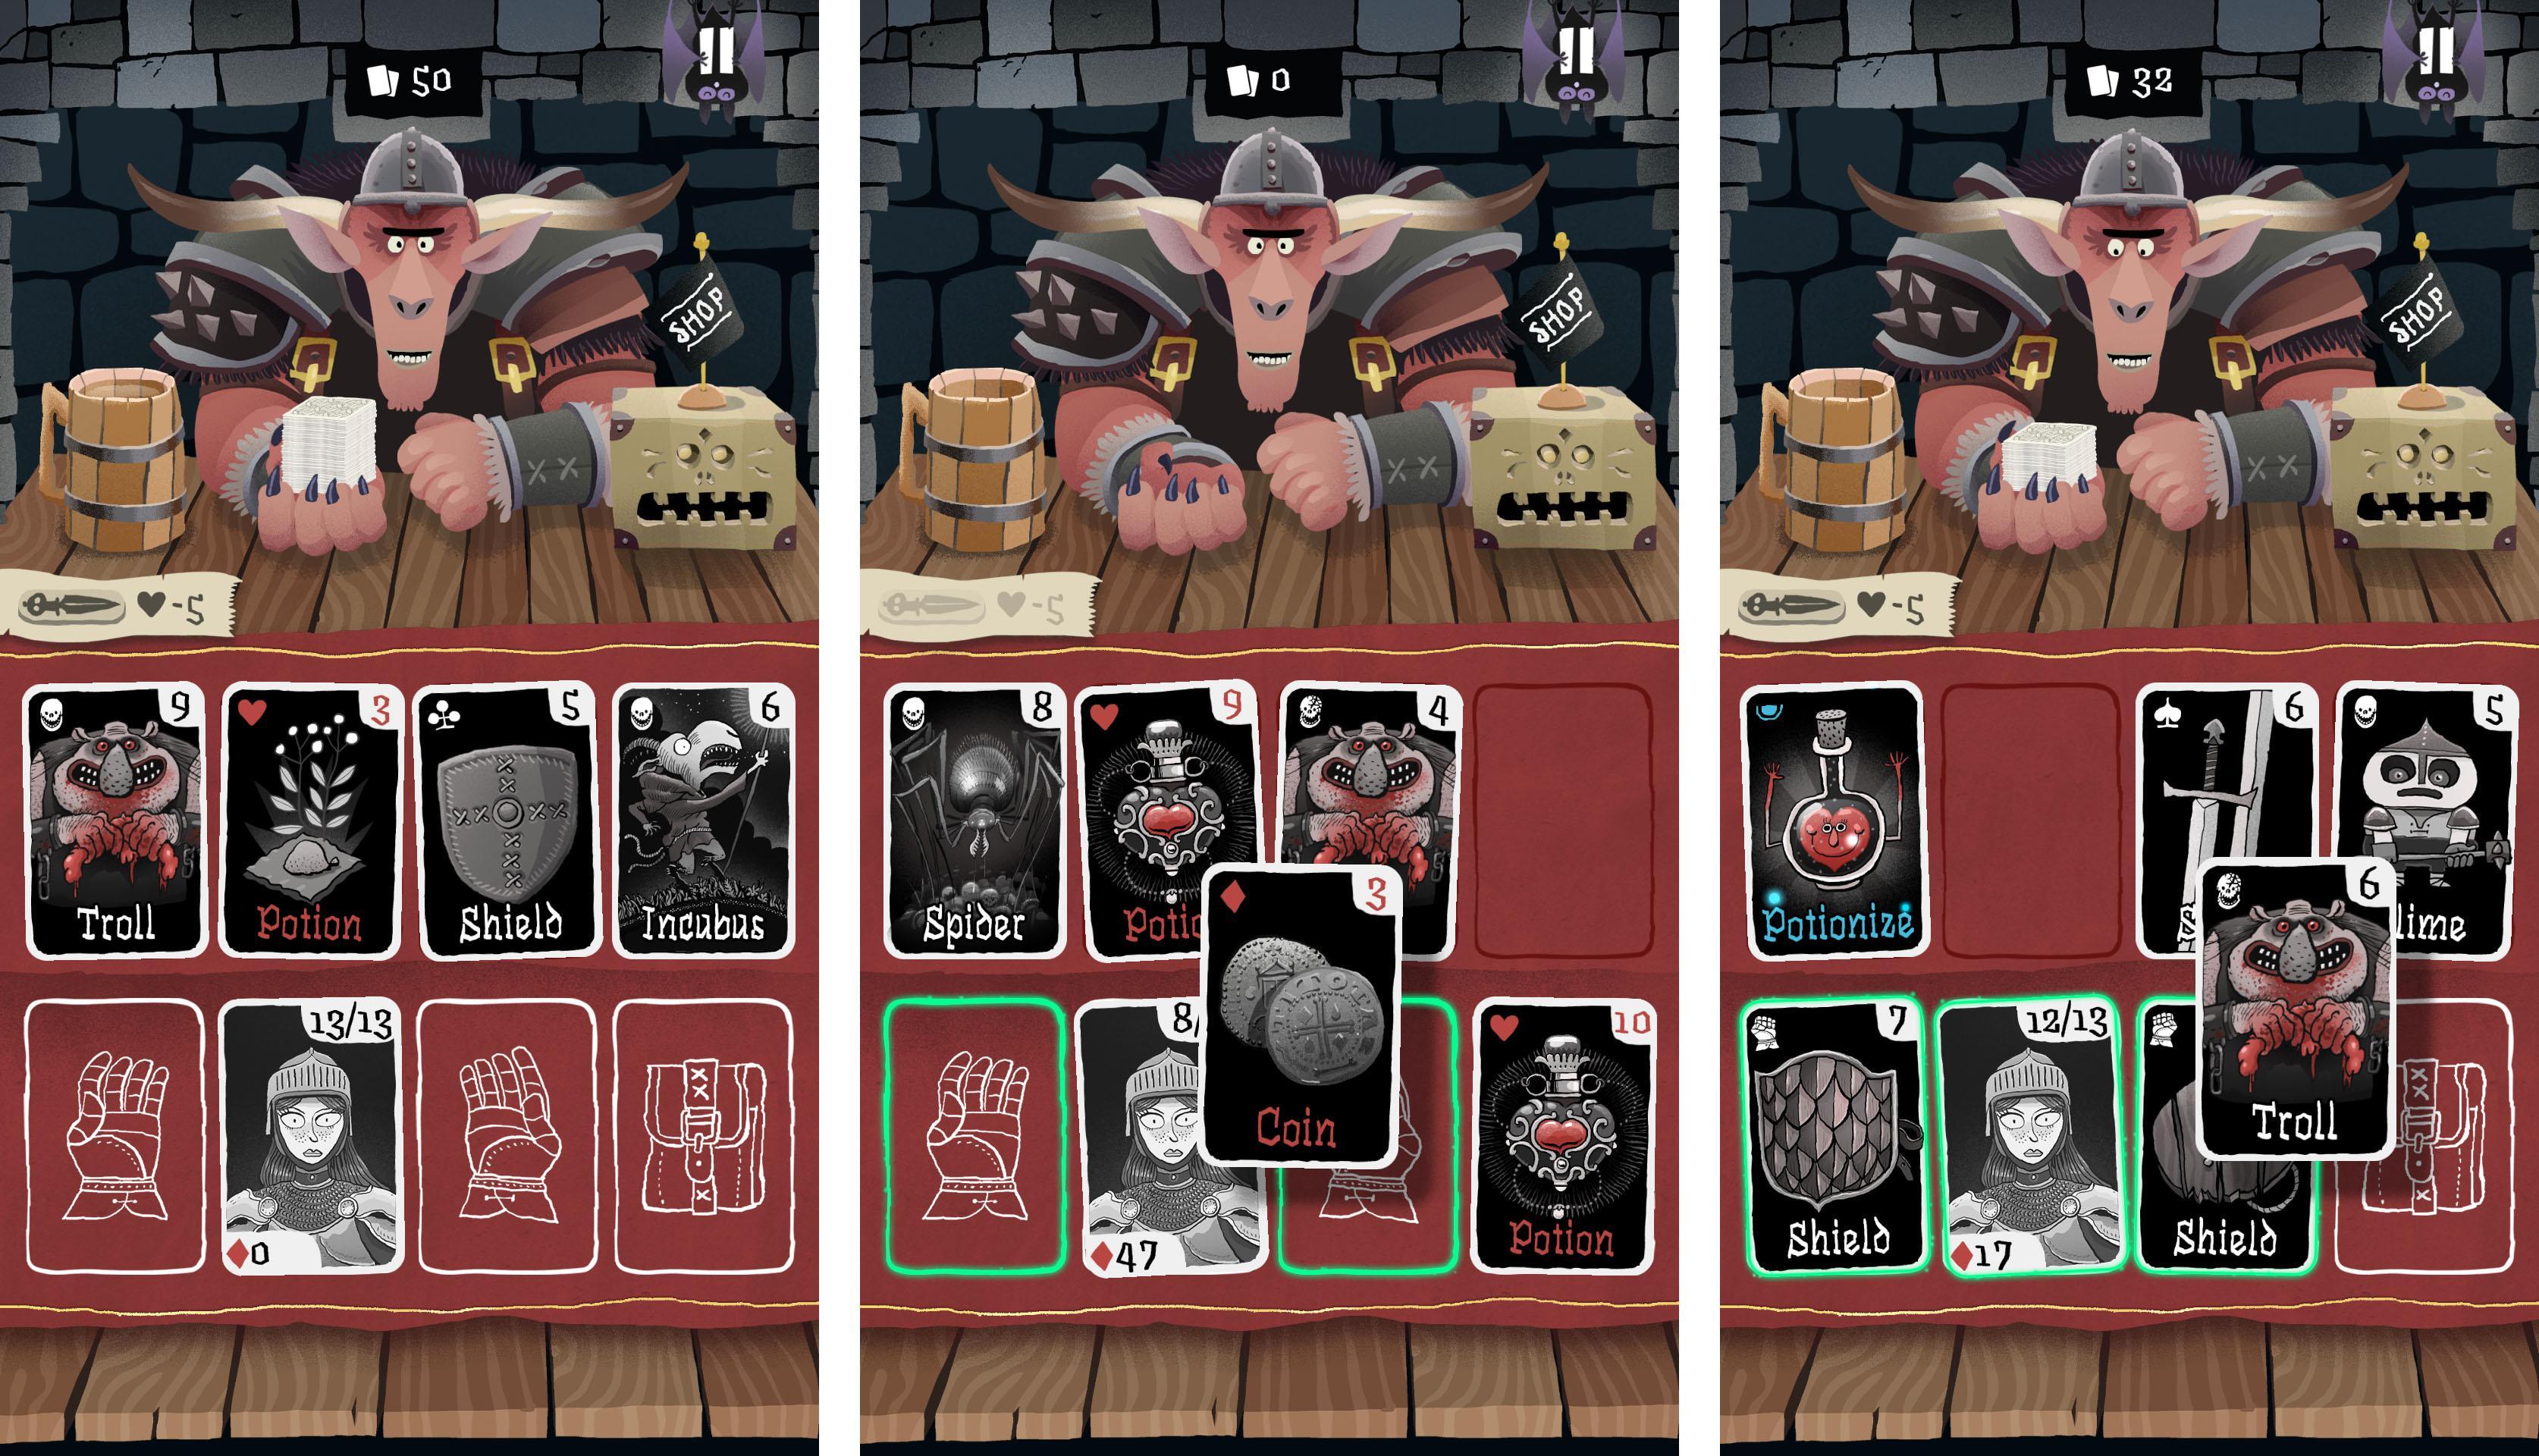 Hra Card Crawl nabízí jednoduchý avšak důmyslný herní systém